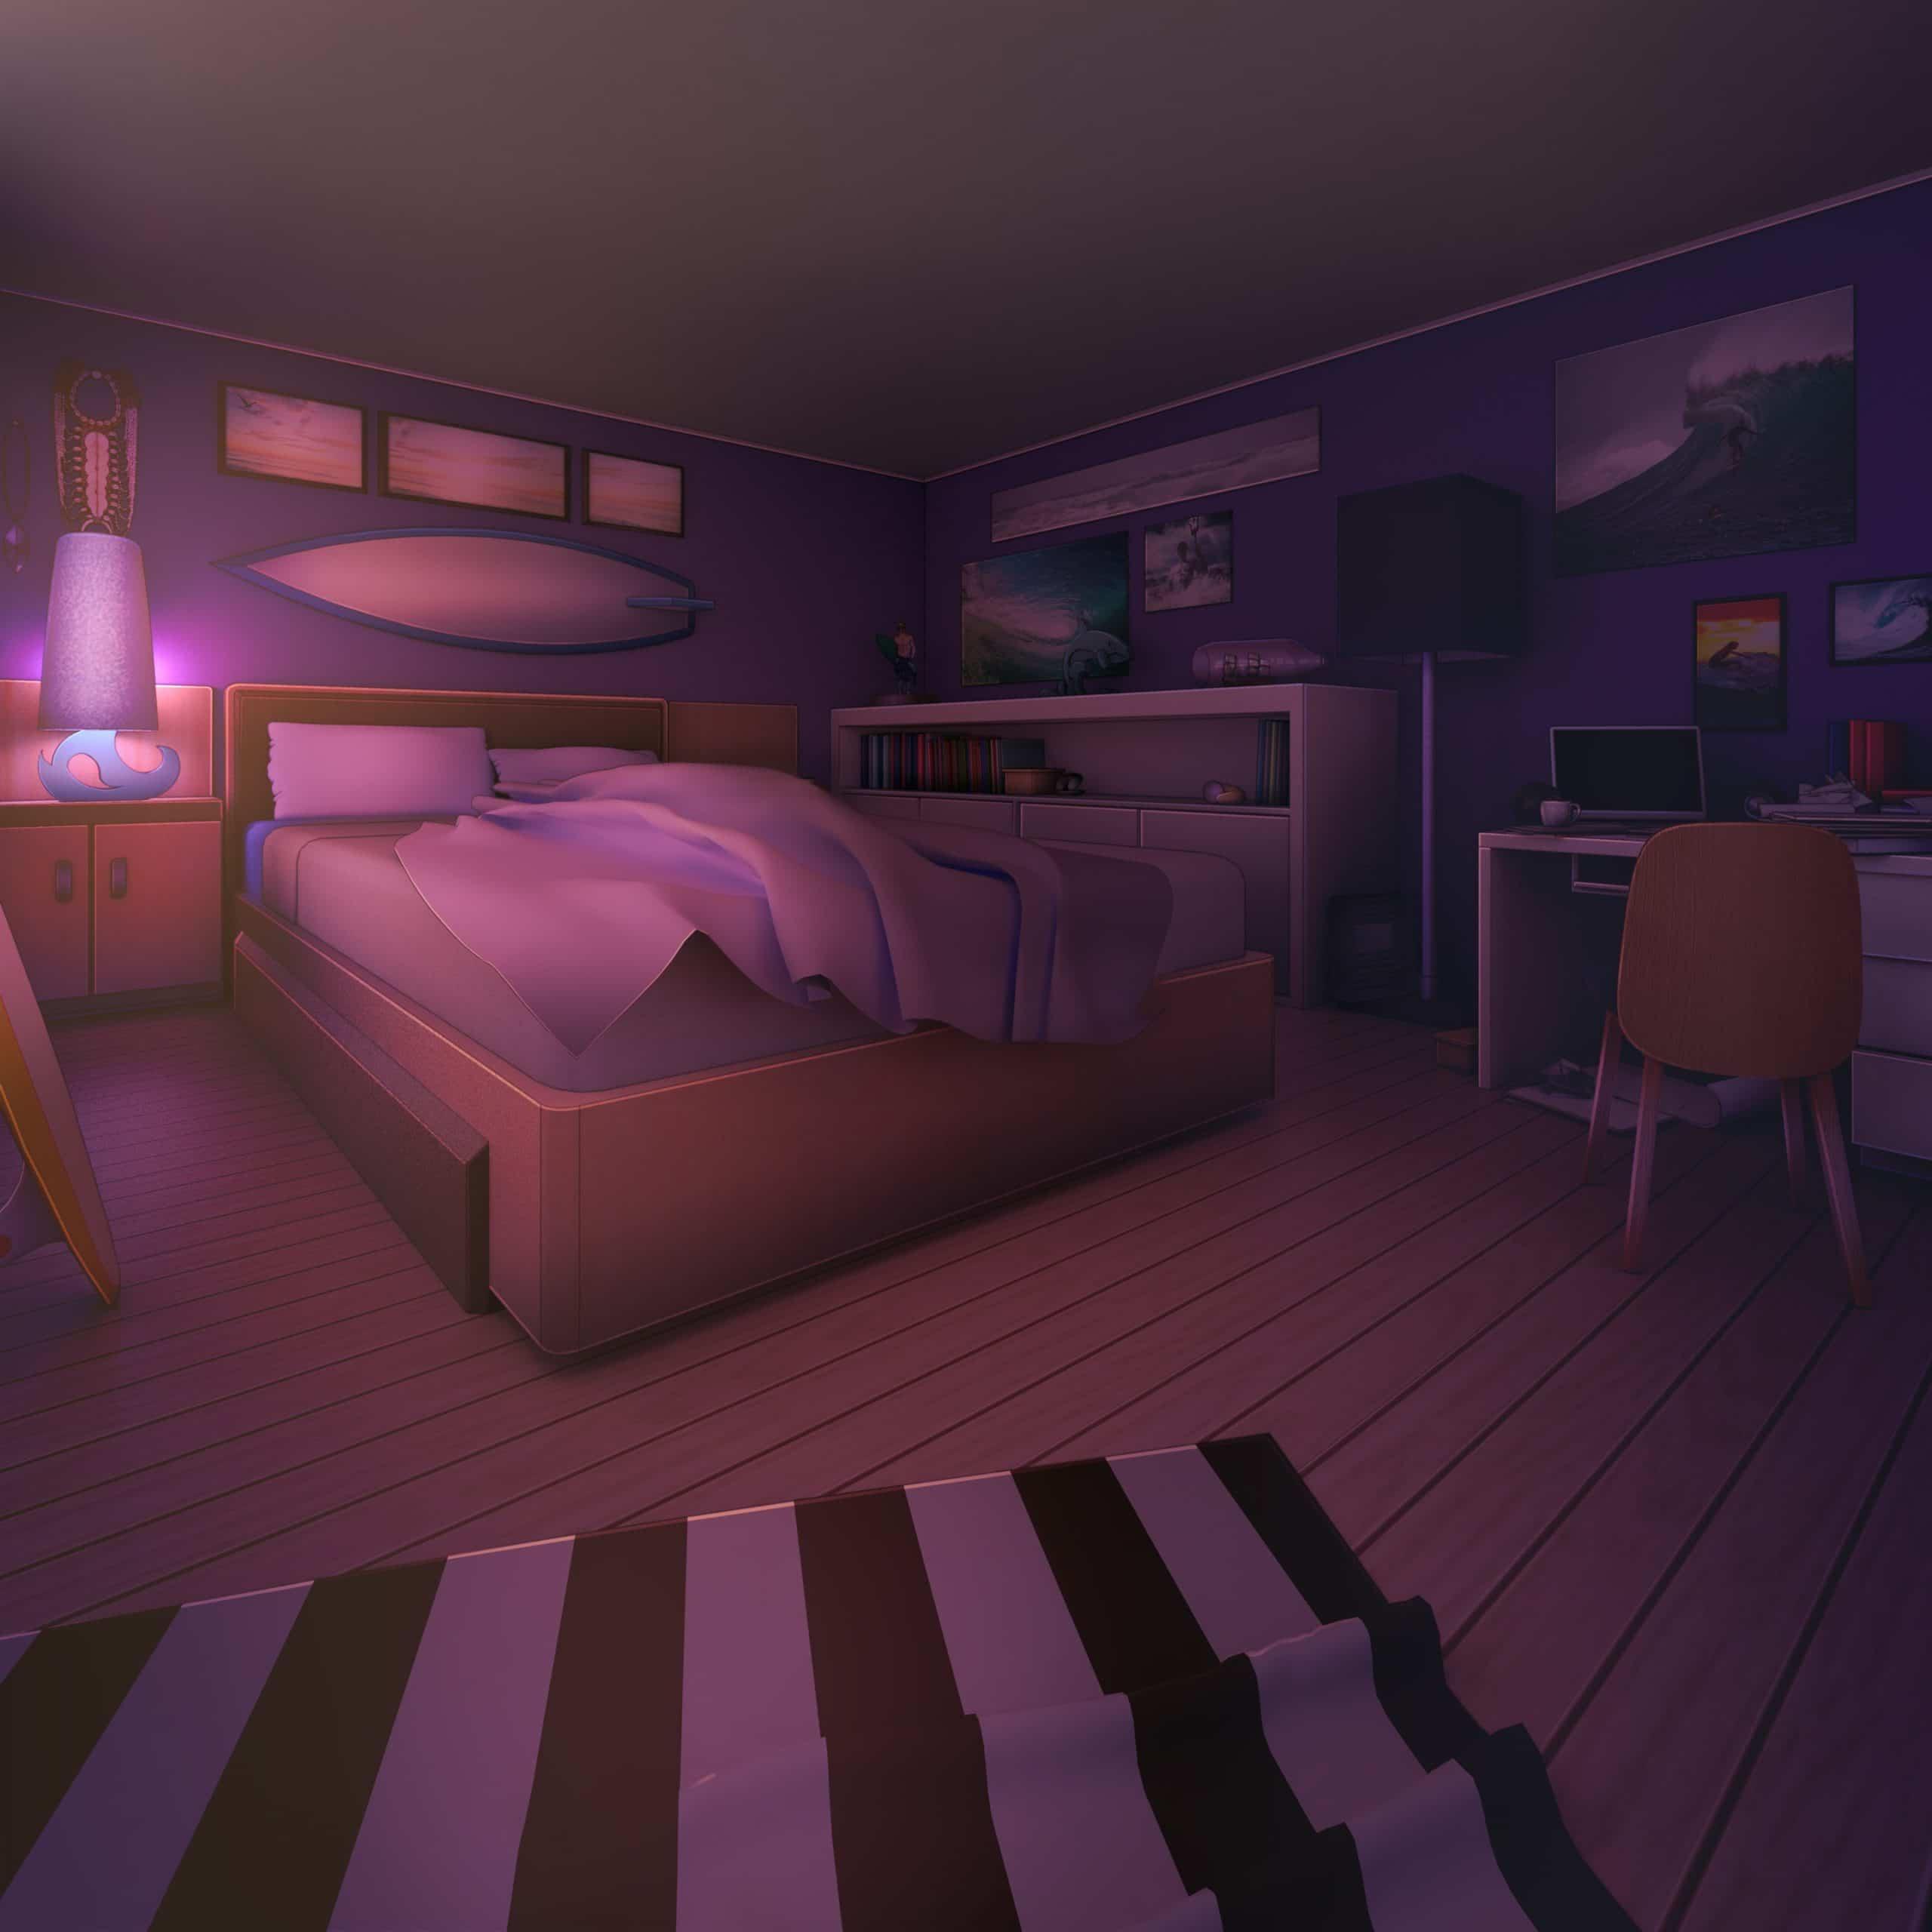 Adam personnage de Is It Love dans une chambre